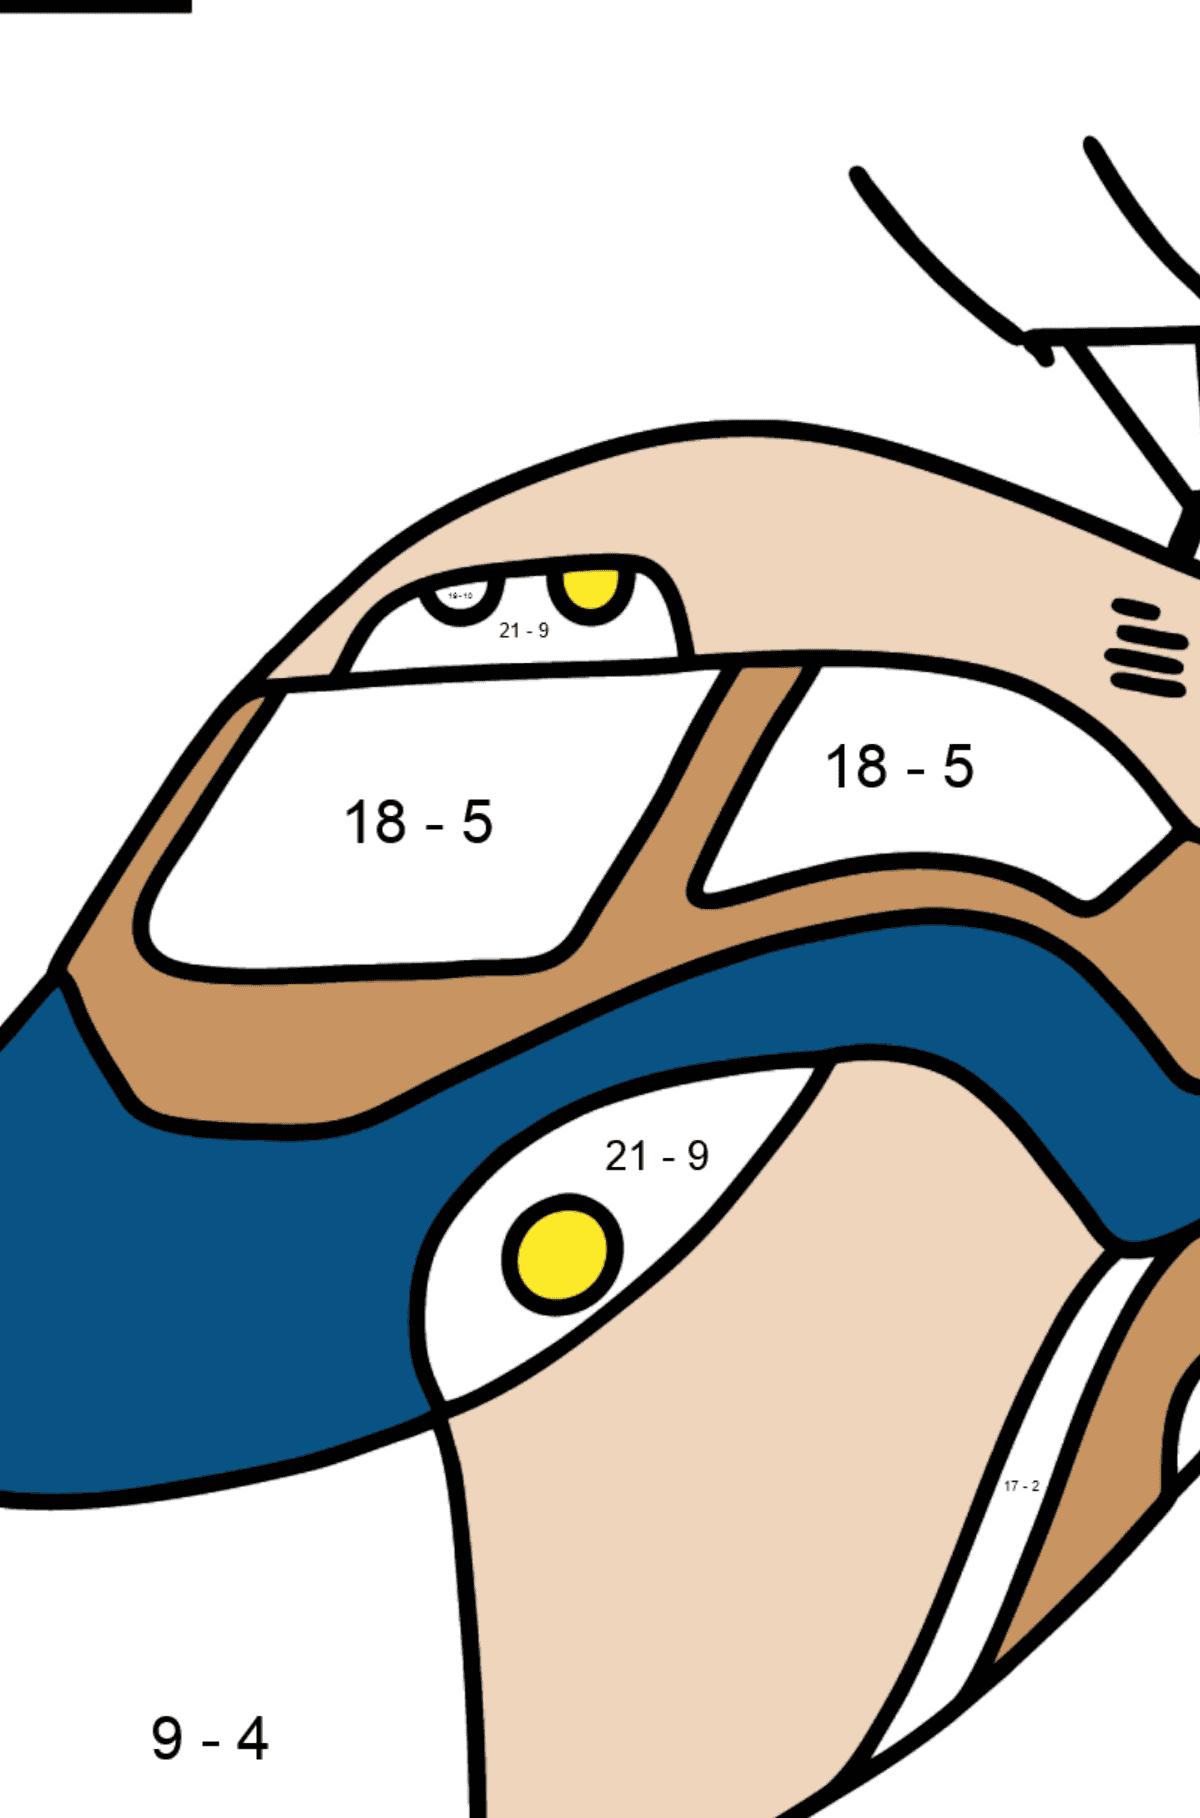 Portuguese Letter T coloring pages - TREM - Math Coloring - Subtraction for Kids